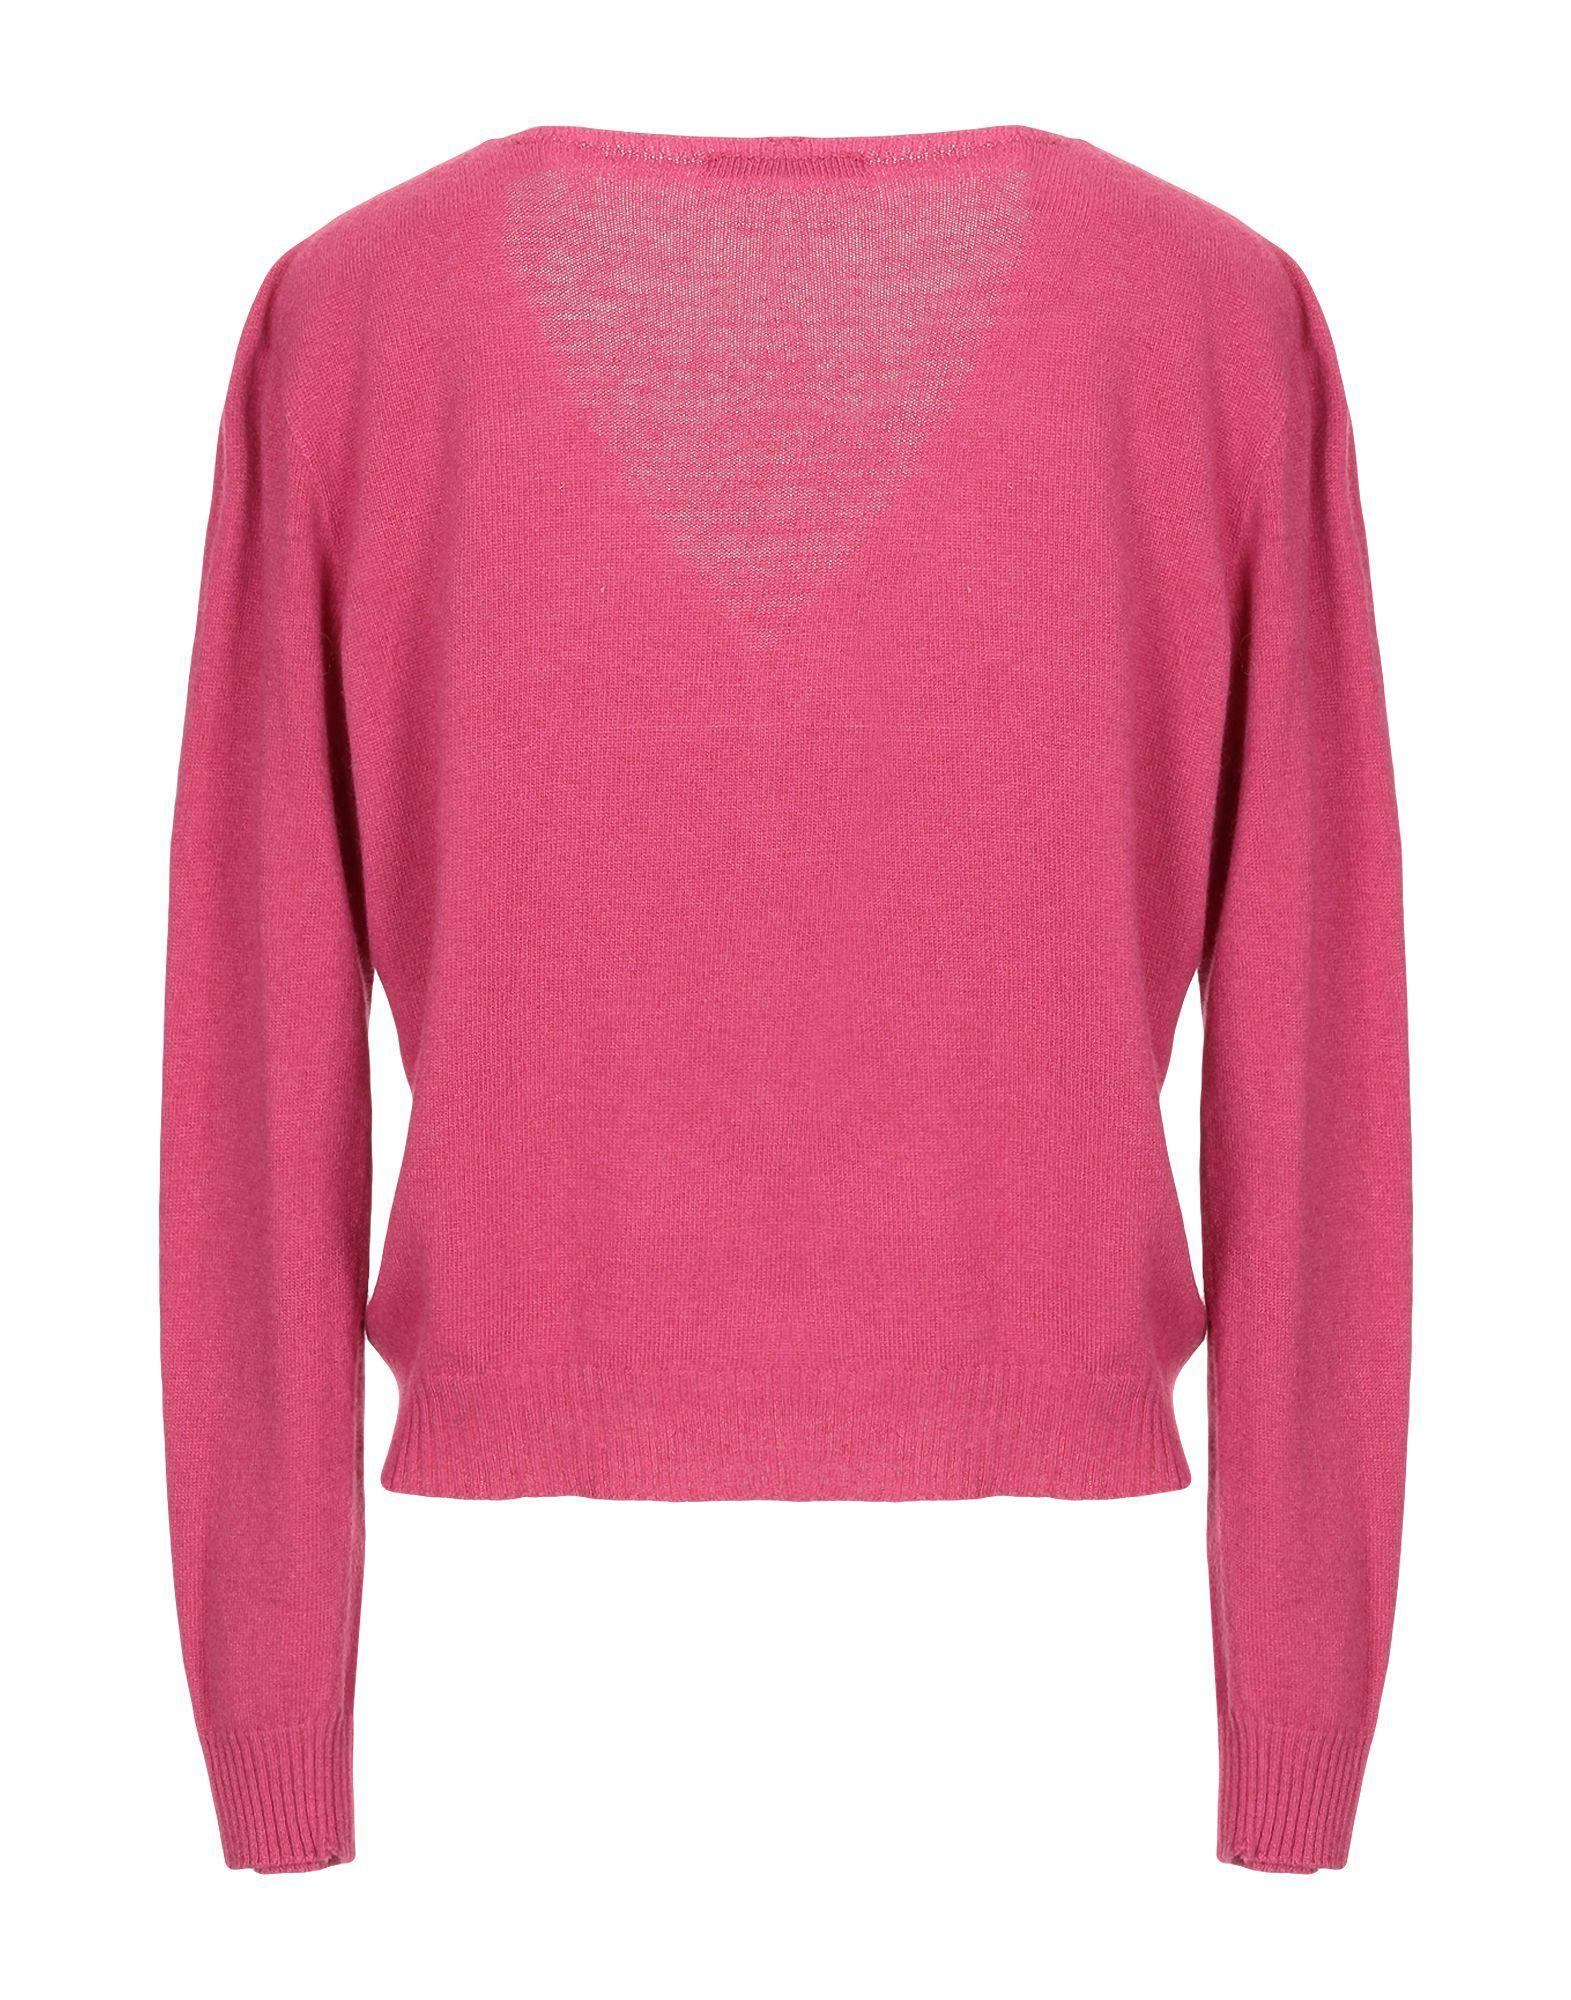 Knitwear Massimo Rebecchi Fuchsia Women's Viscose